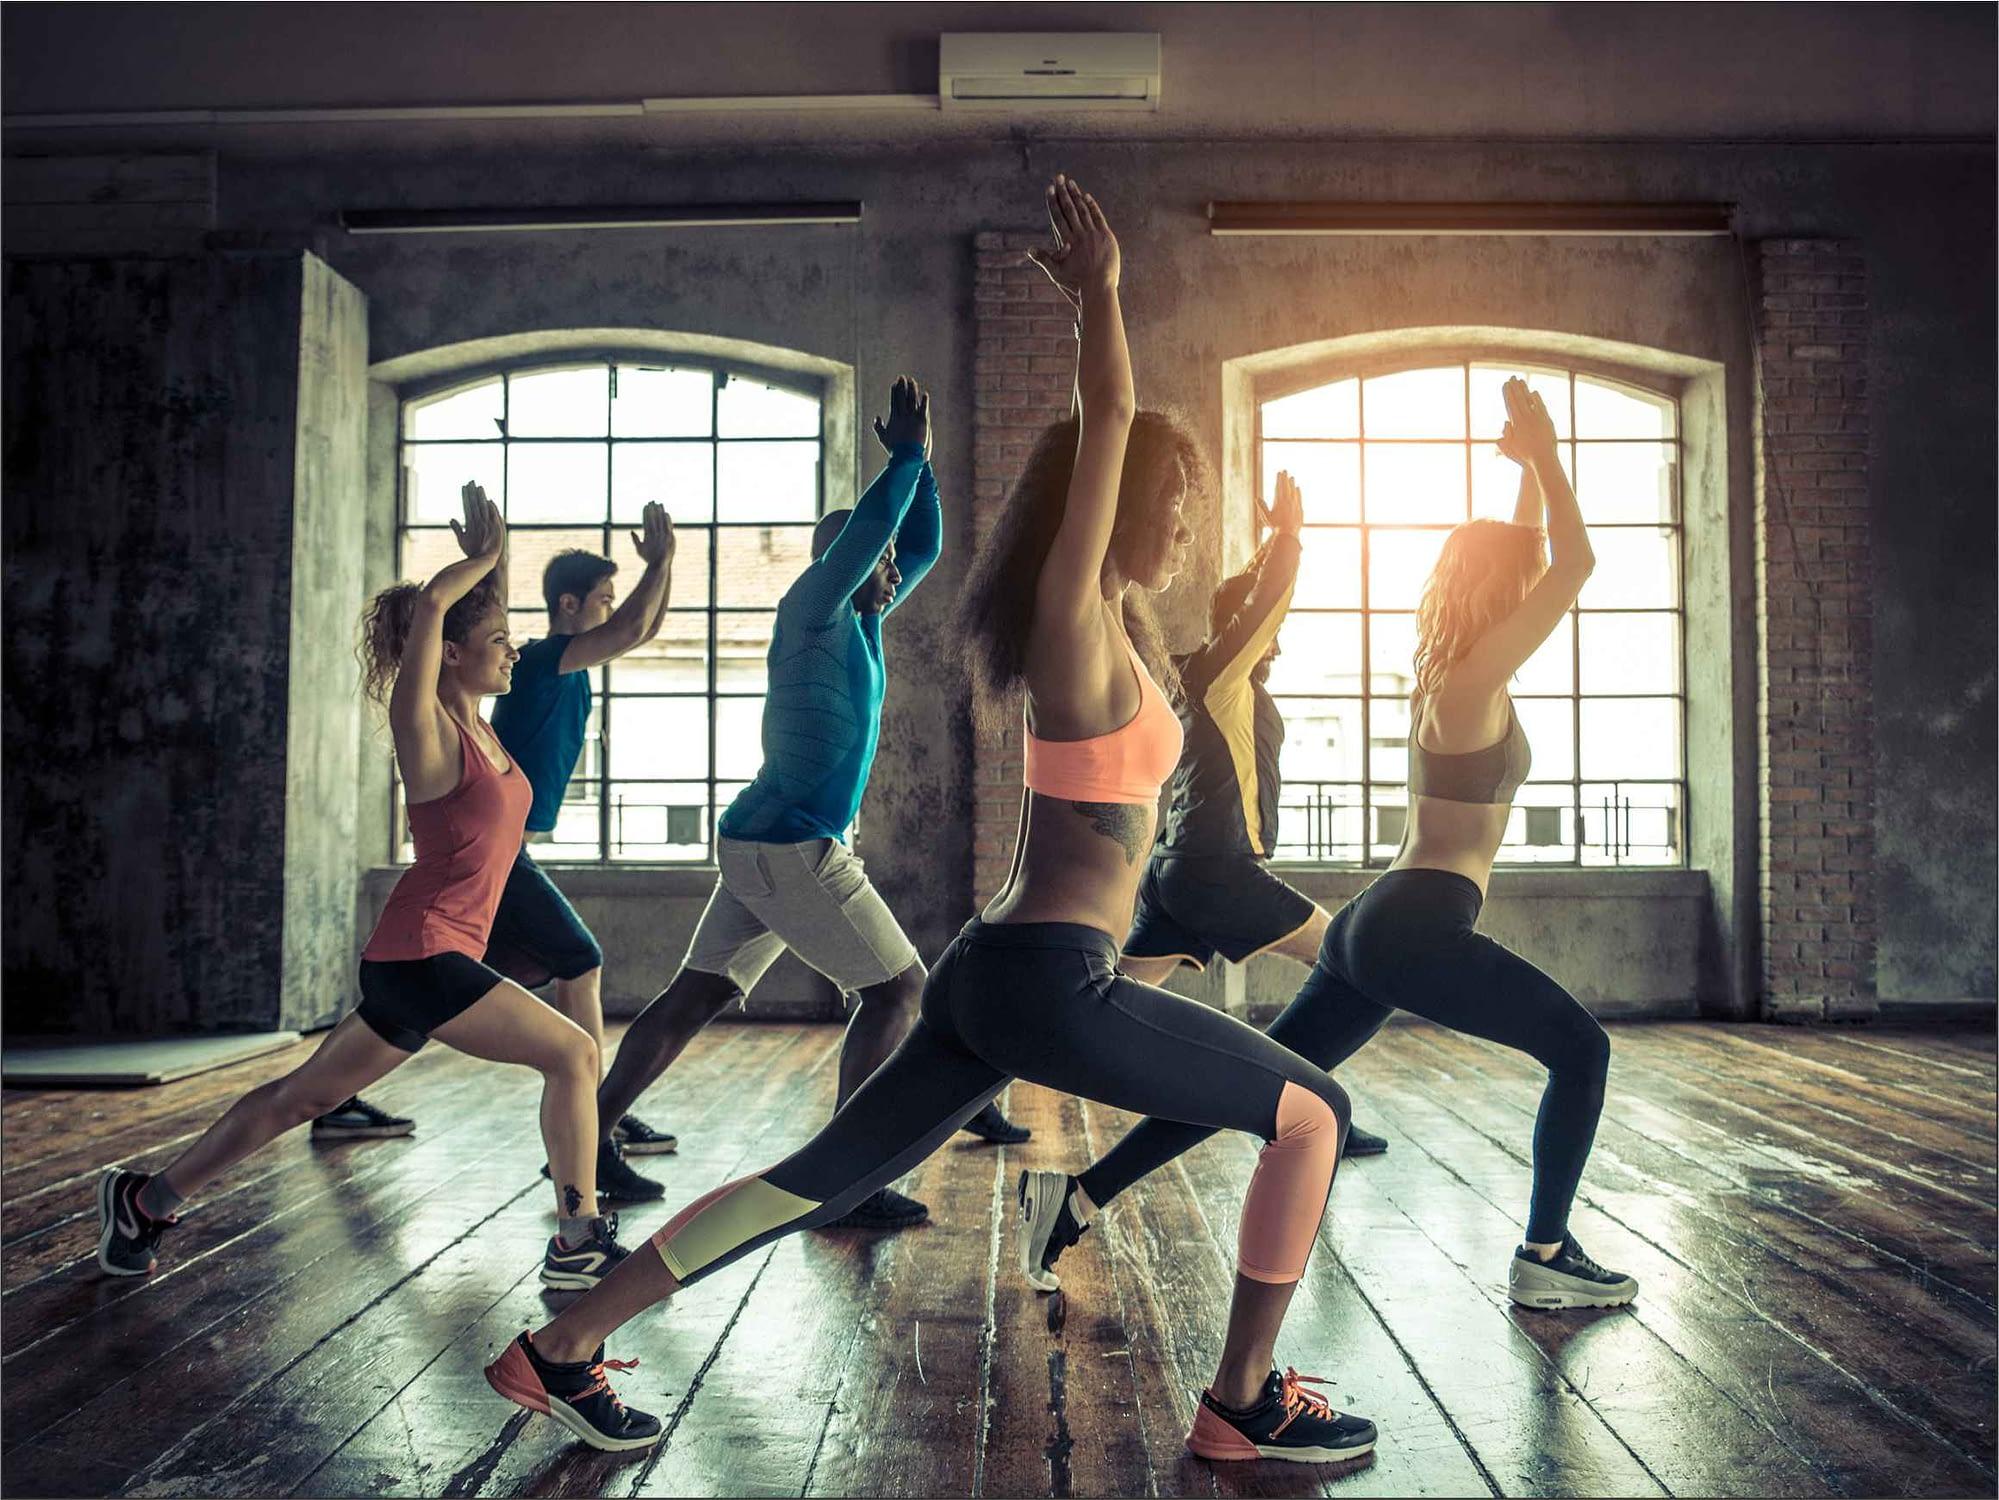 Gruppen Fitness Kurse mit freunden und Bekannten - schnell in form